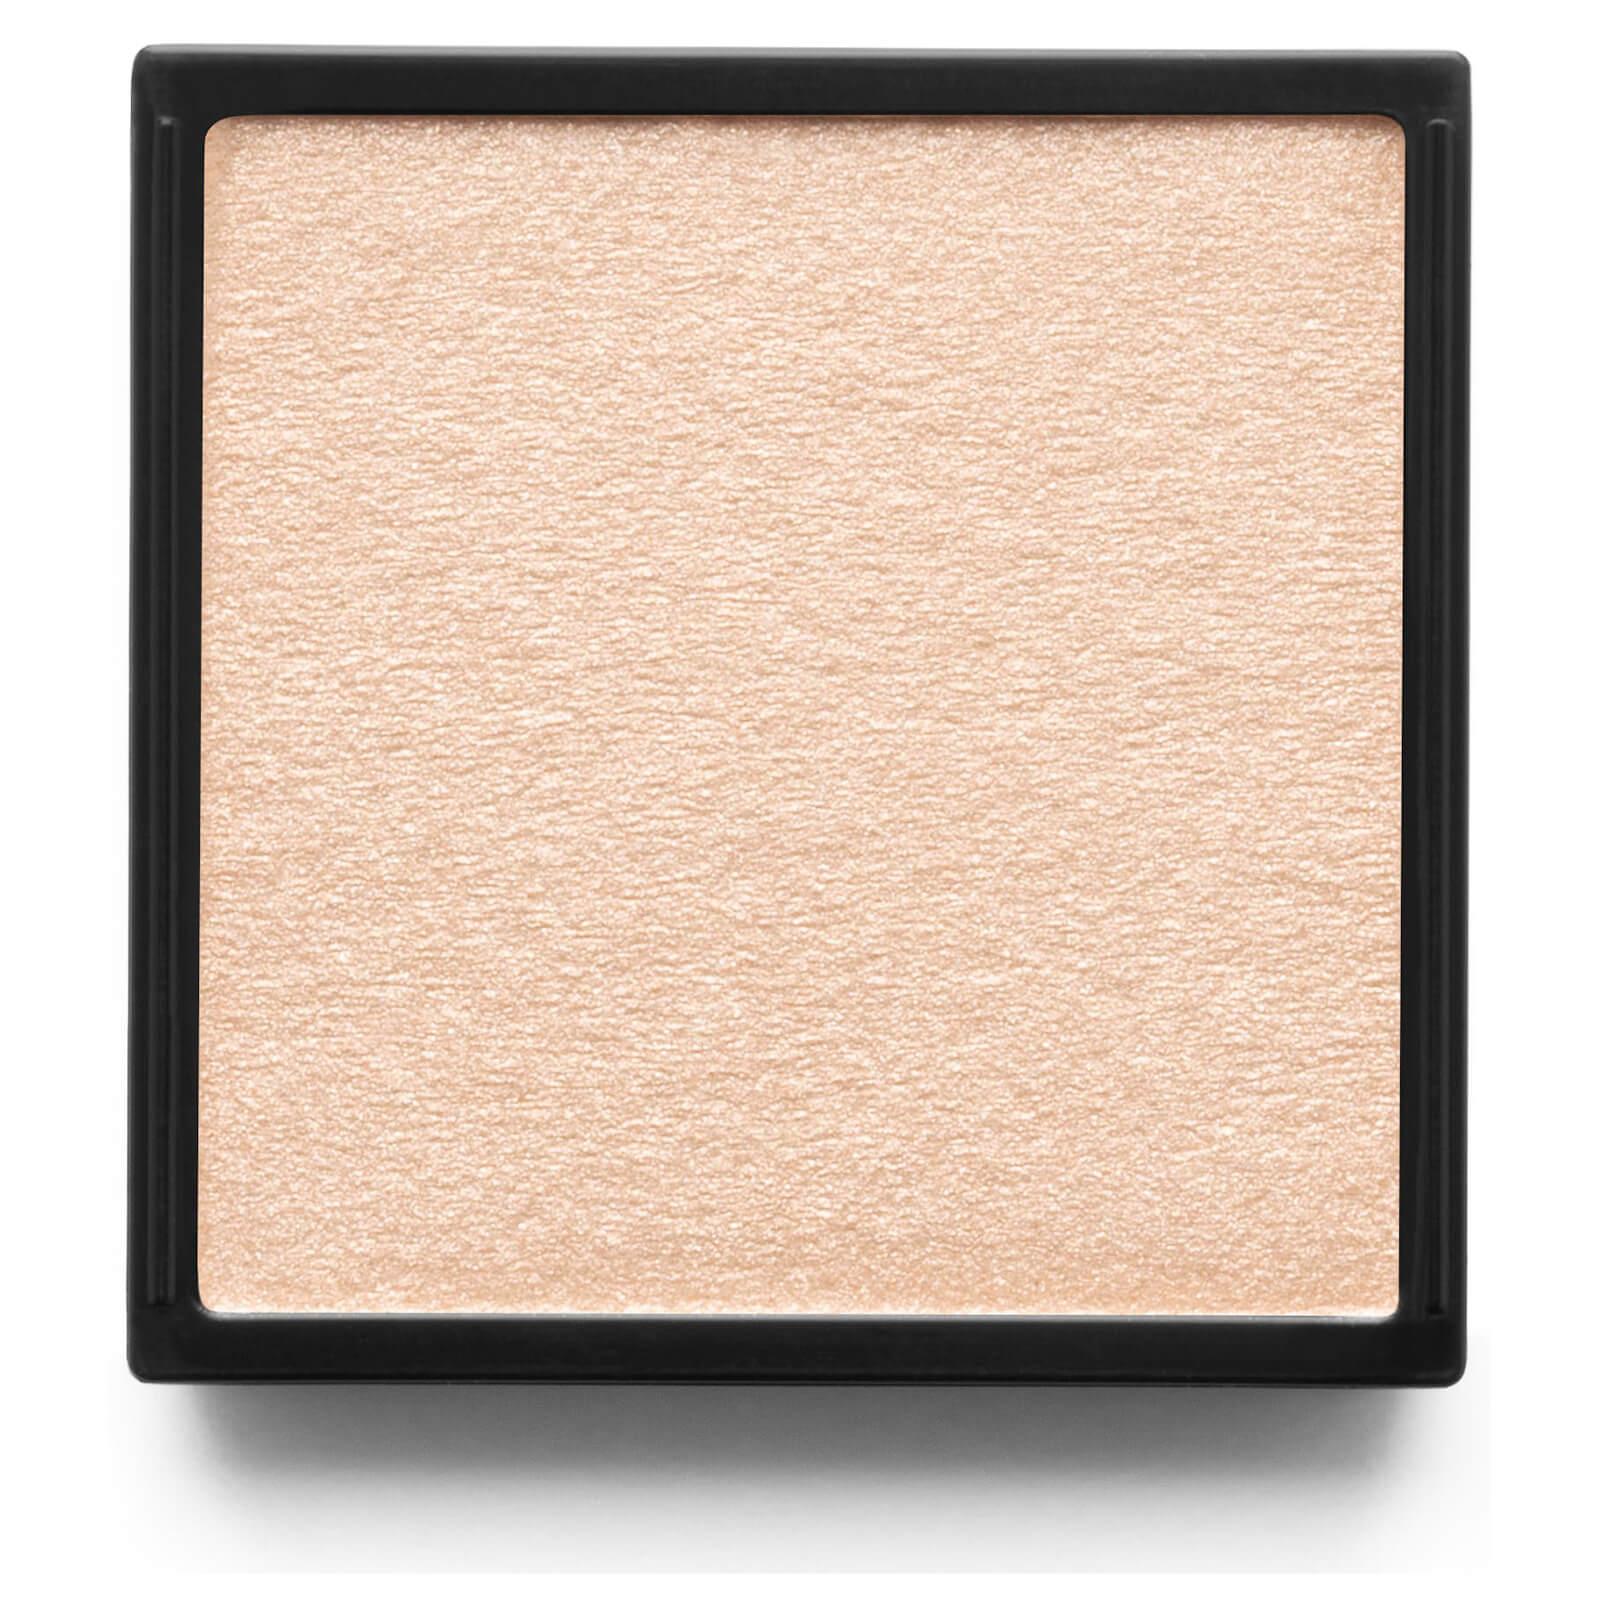 Купить Surratt Artistique Eyeshadow 1.7g (Various Shades) - Soie